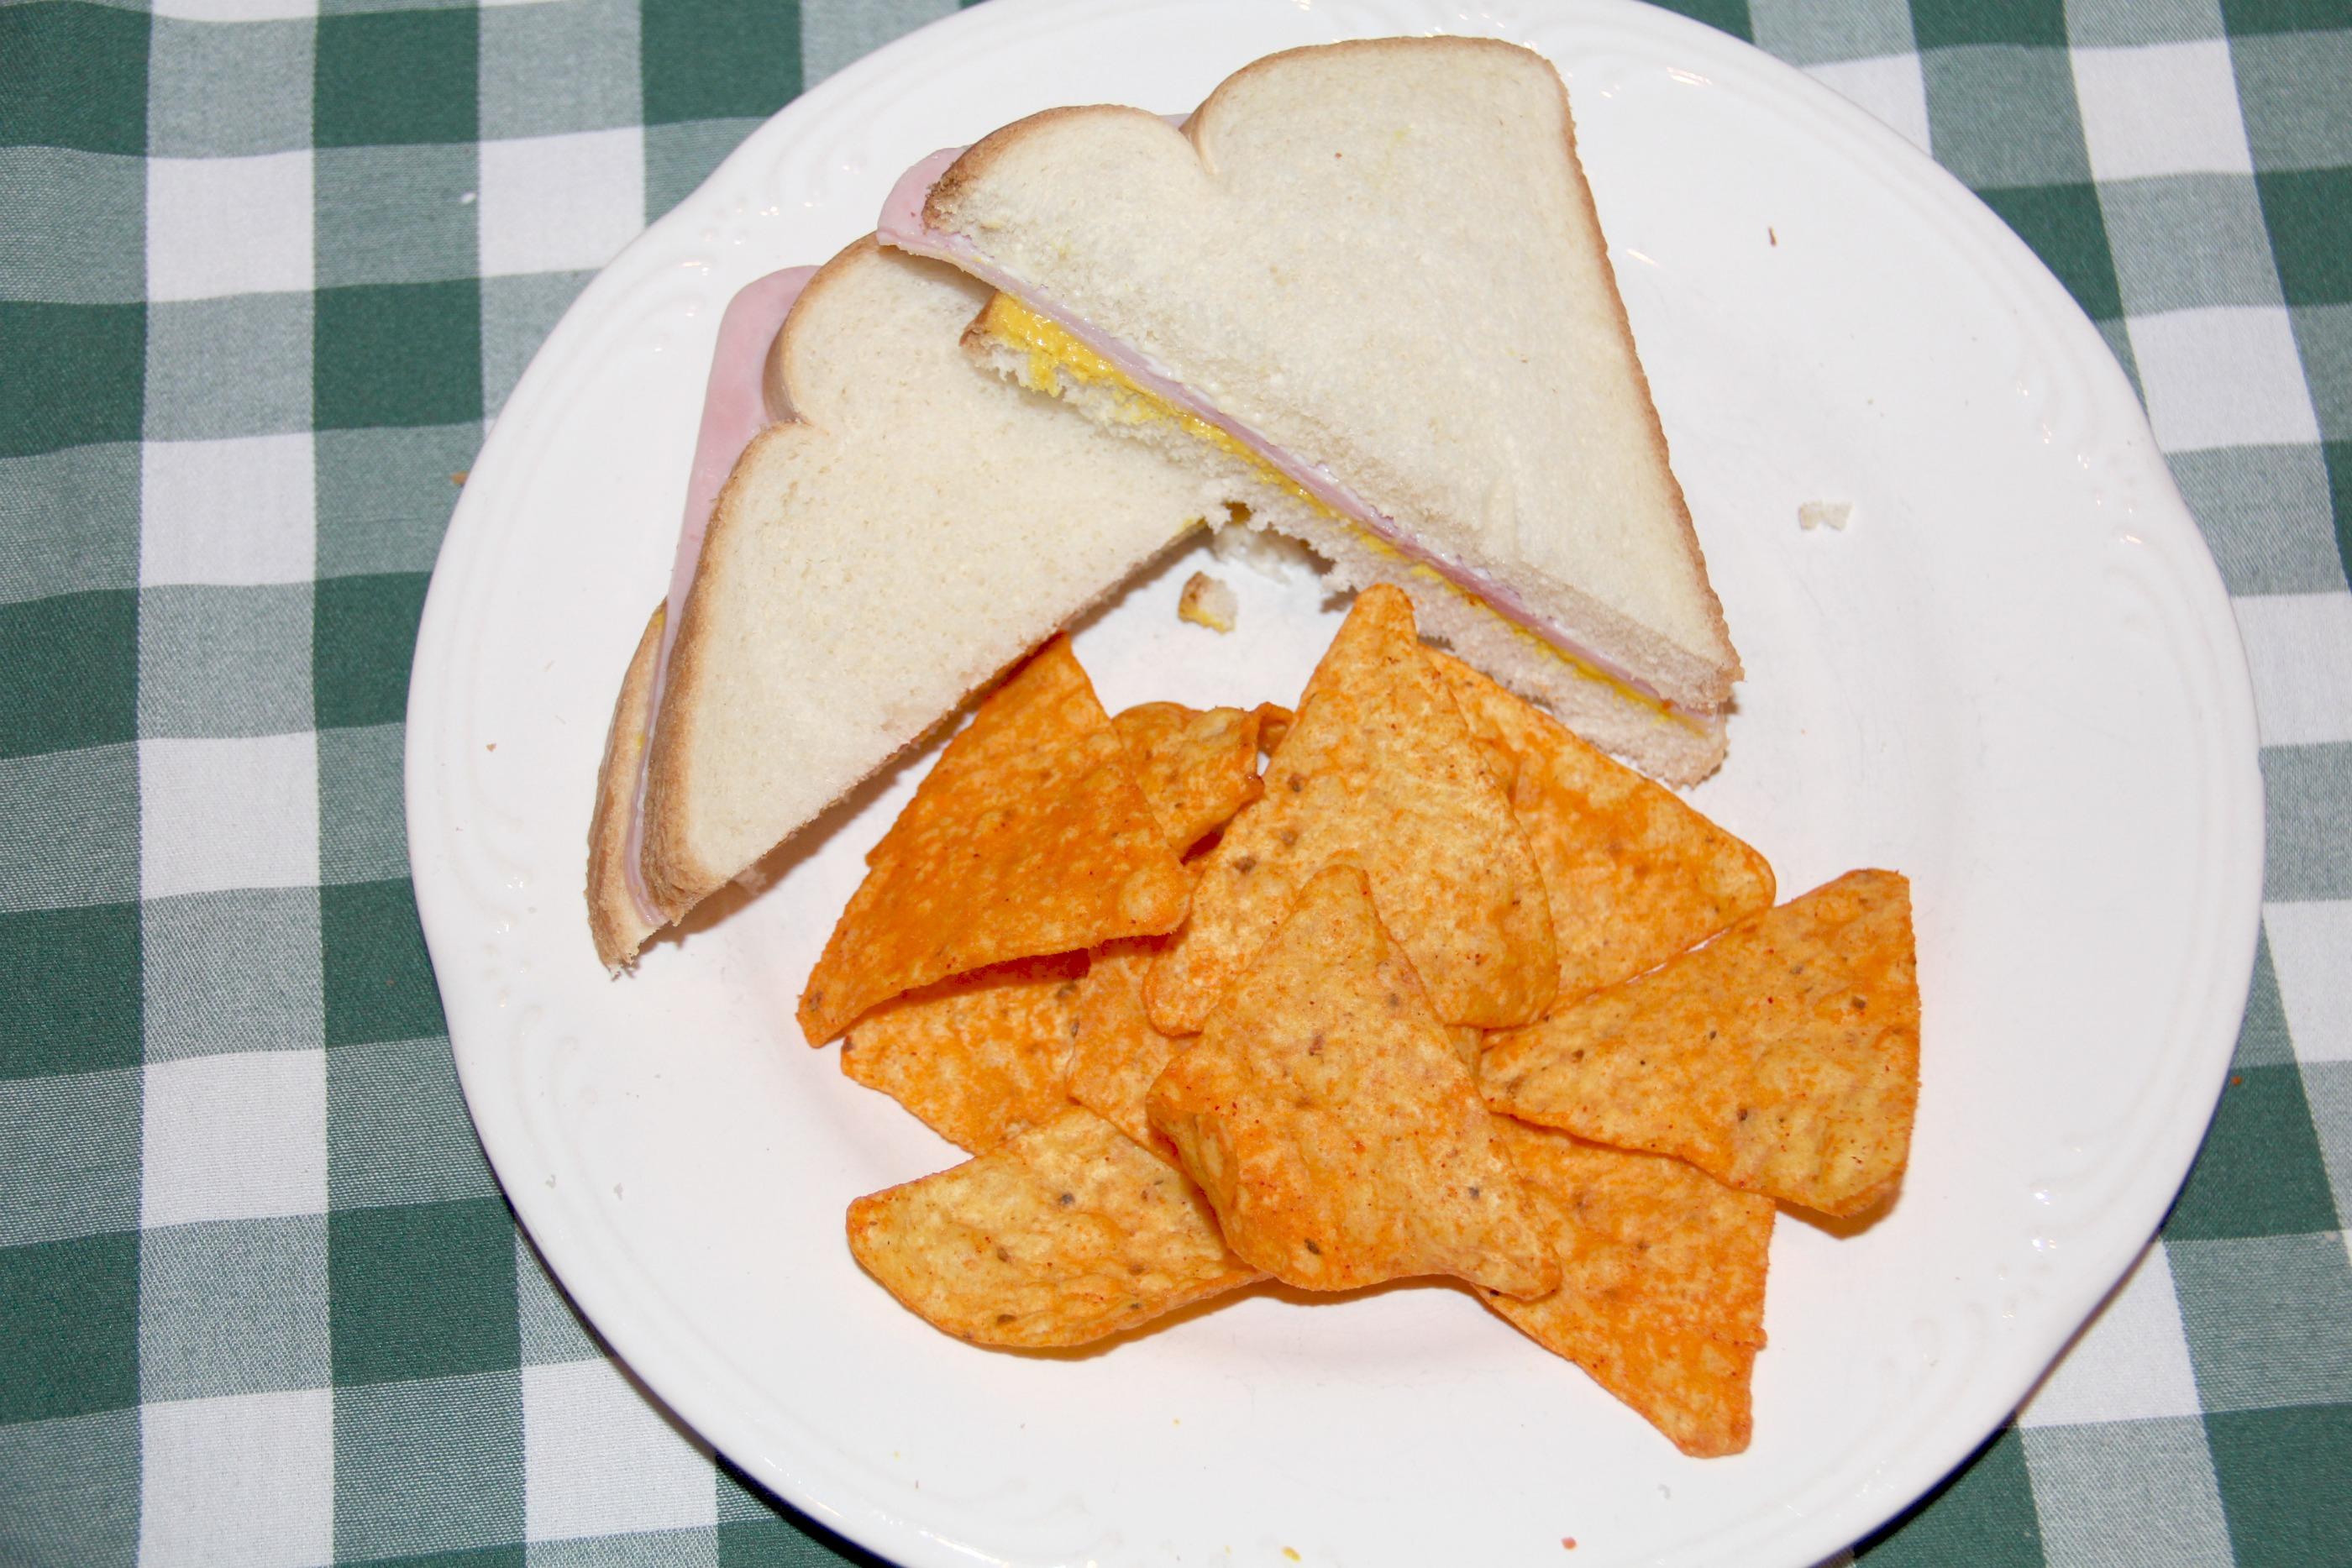 The Sandwich: A Courageous Conversation